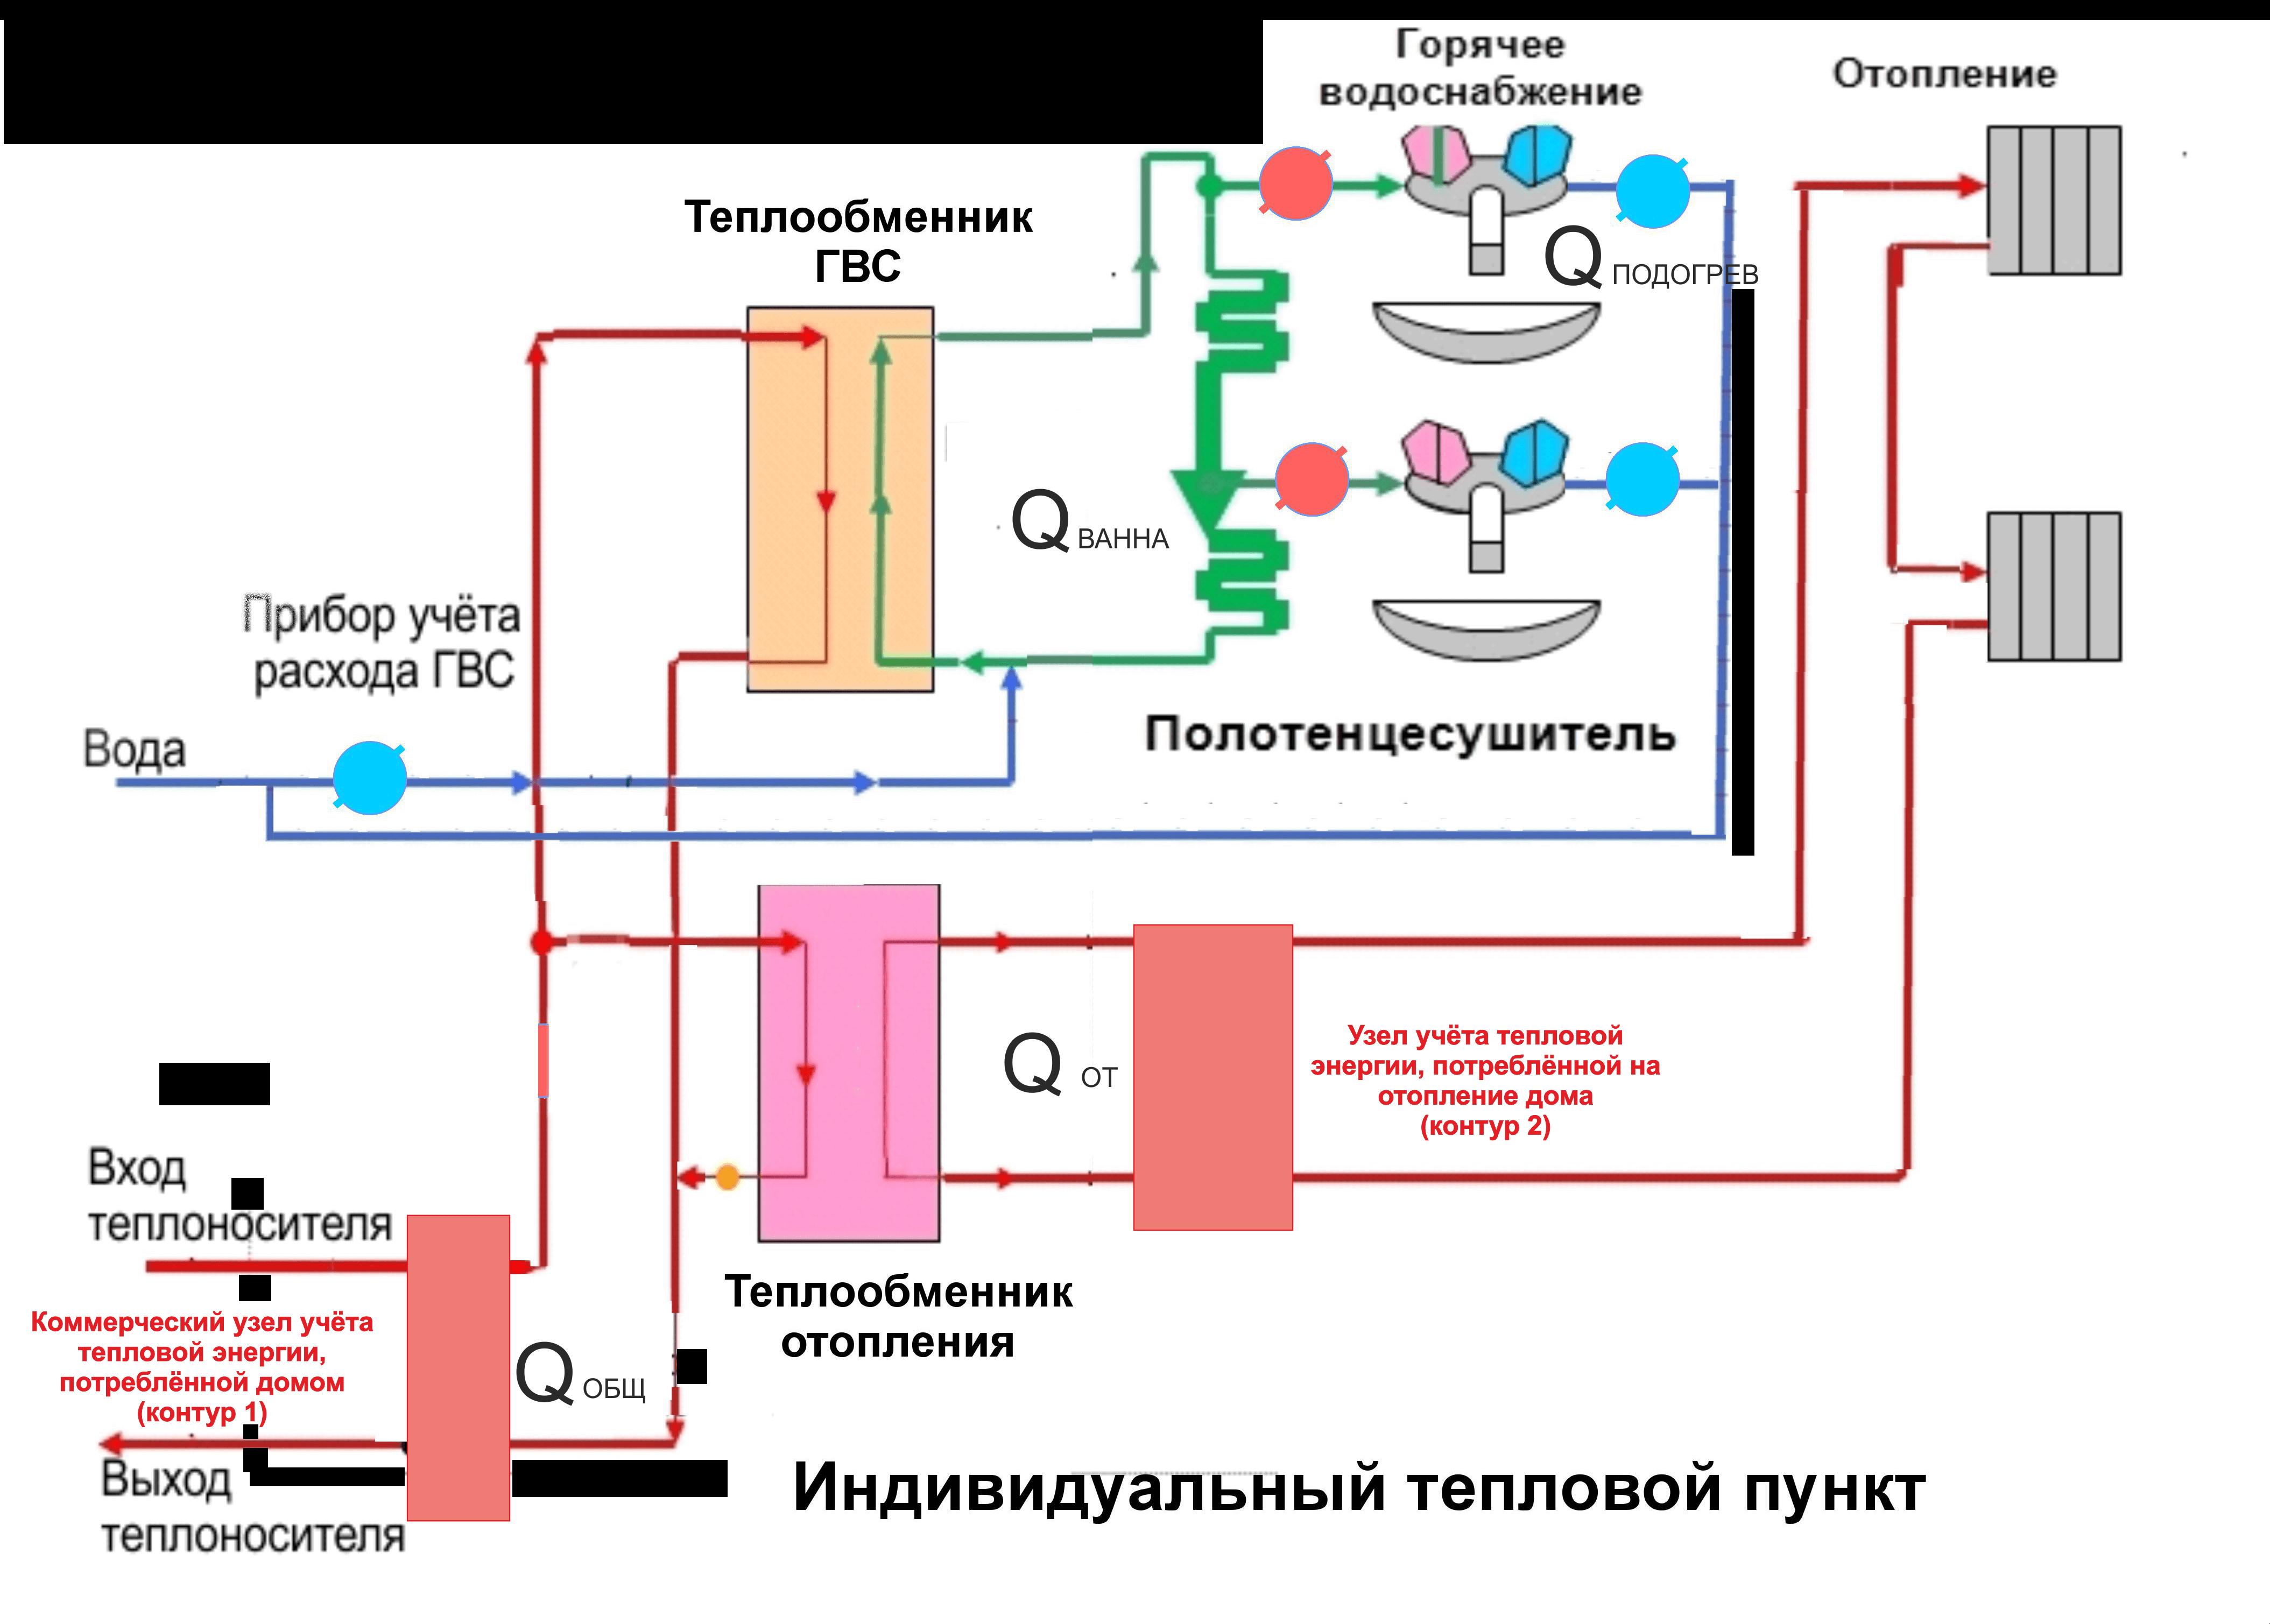 Схема ИТП для жилого дома - как работает система